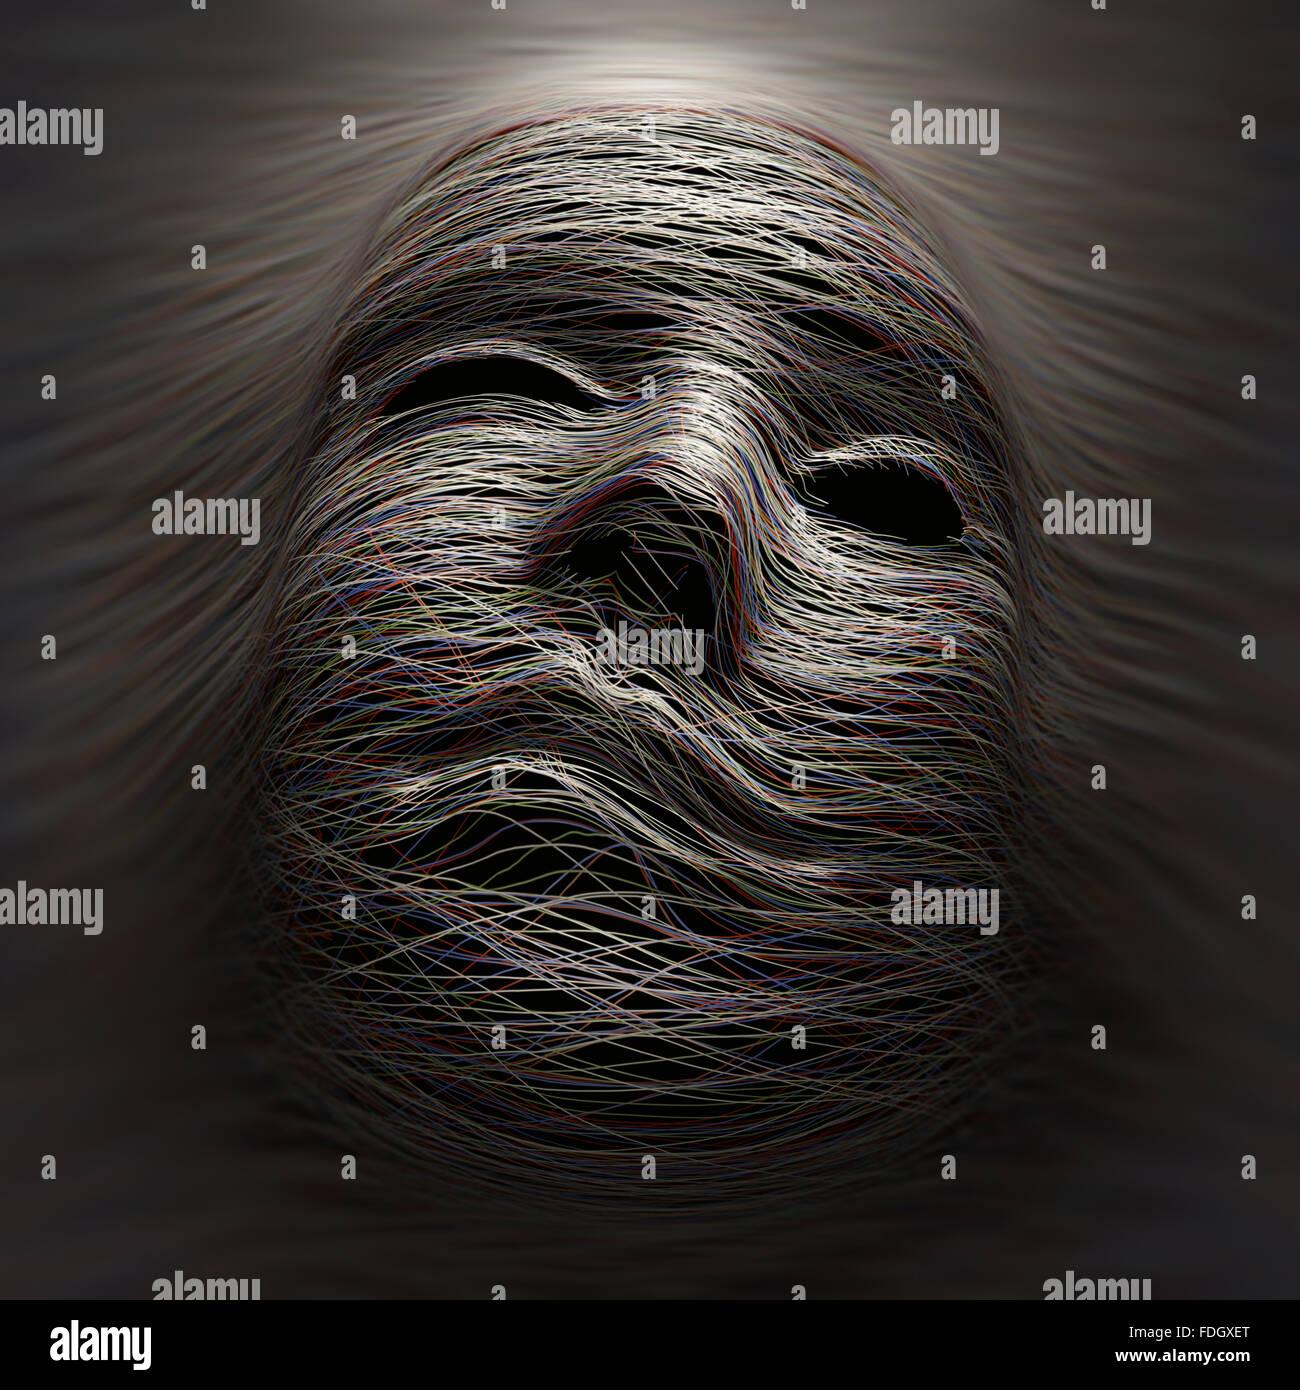 Farbige Linien für eine imaginäre Gesicht mit Ausdruck von Schmerz und Qual. Stockbild